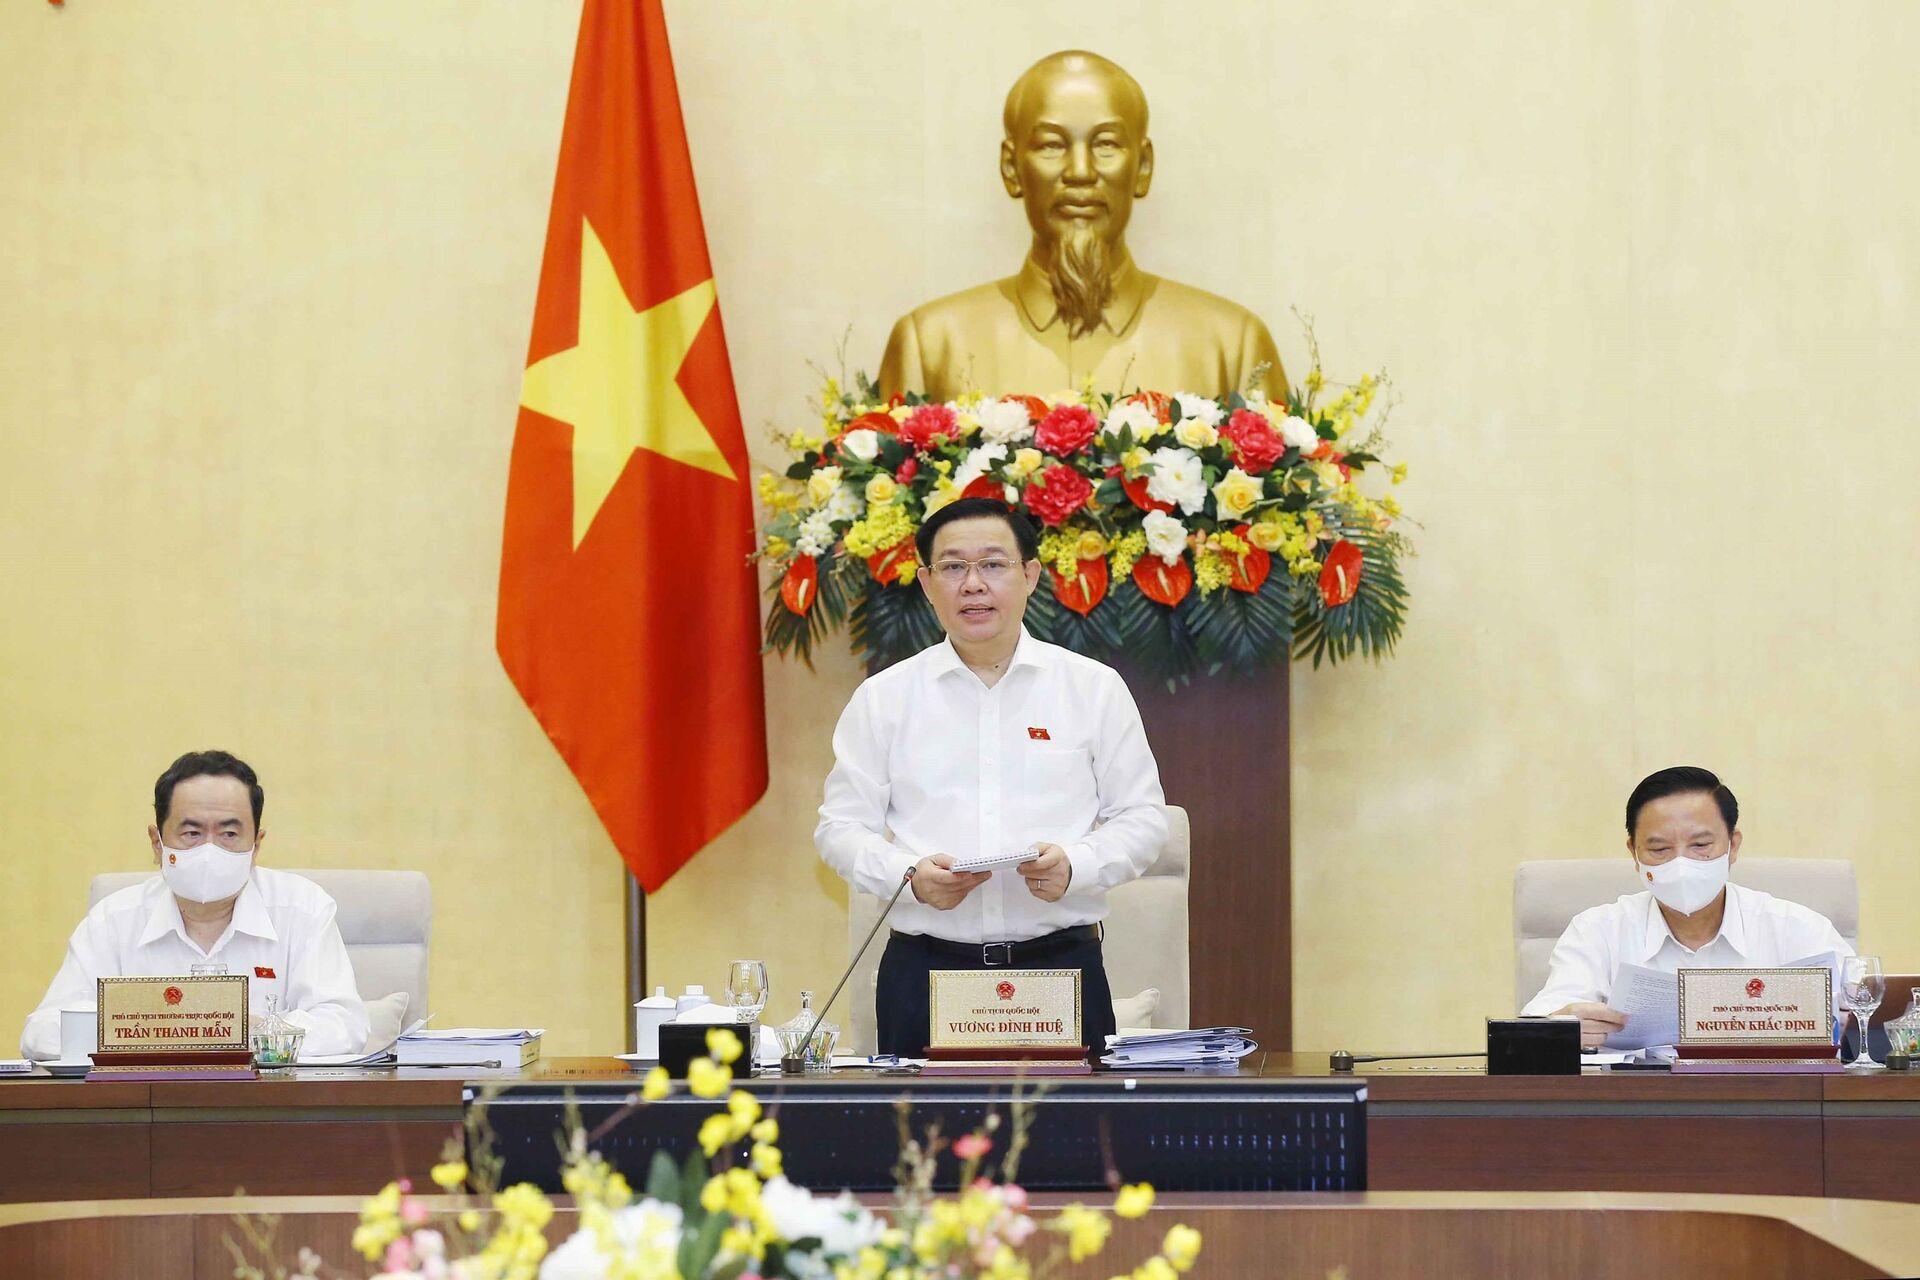 Chủ tịch Quốc hội Vương Đình Huệ phát biểu khai mạc phiên họp. - Sputnik Việt Nam, 1920, 05.10.2021